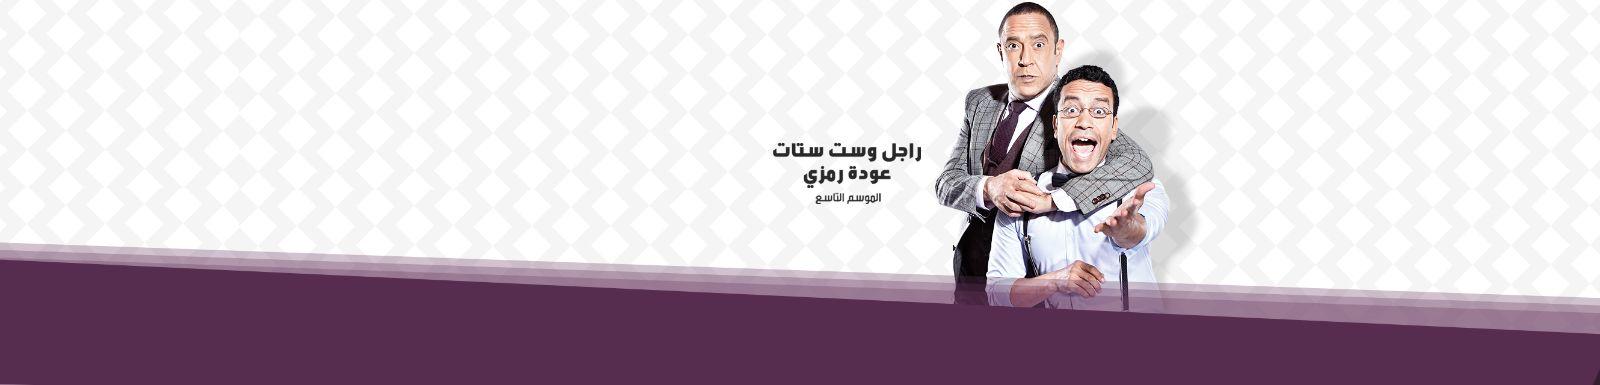 تحميل مسلسل راجل وست ستات 9 الحلقة 1 شاهد نت 2016